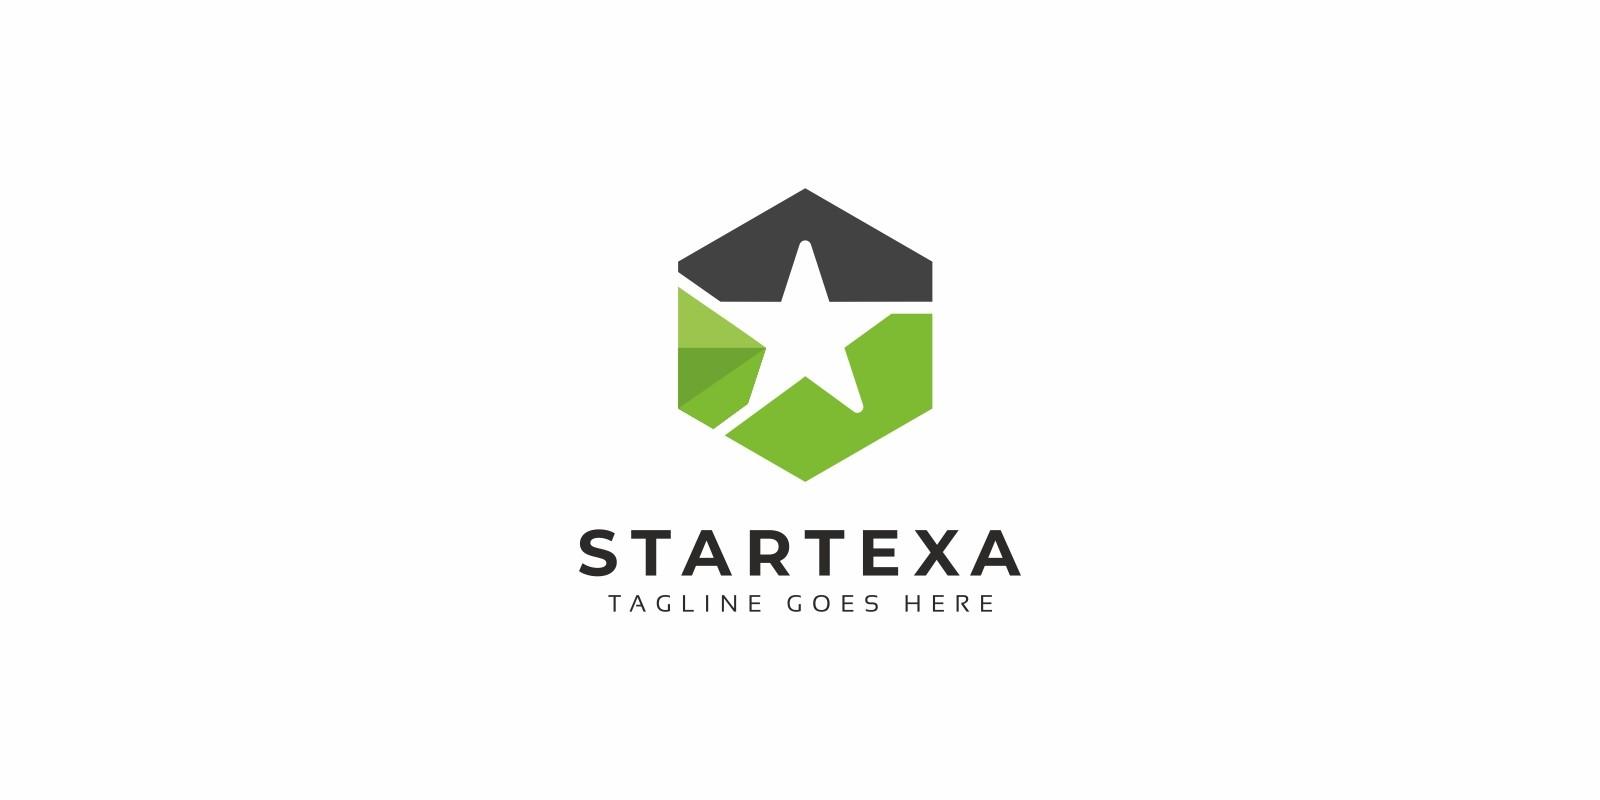 Startexa Logo